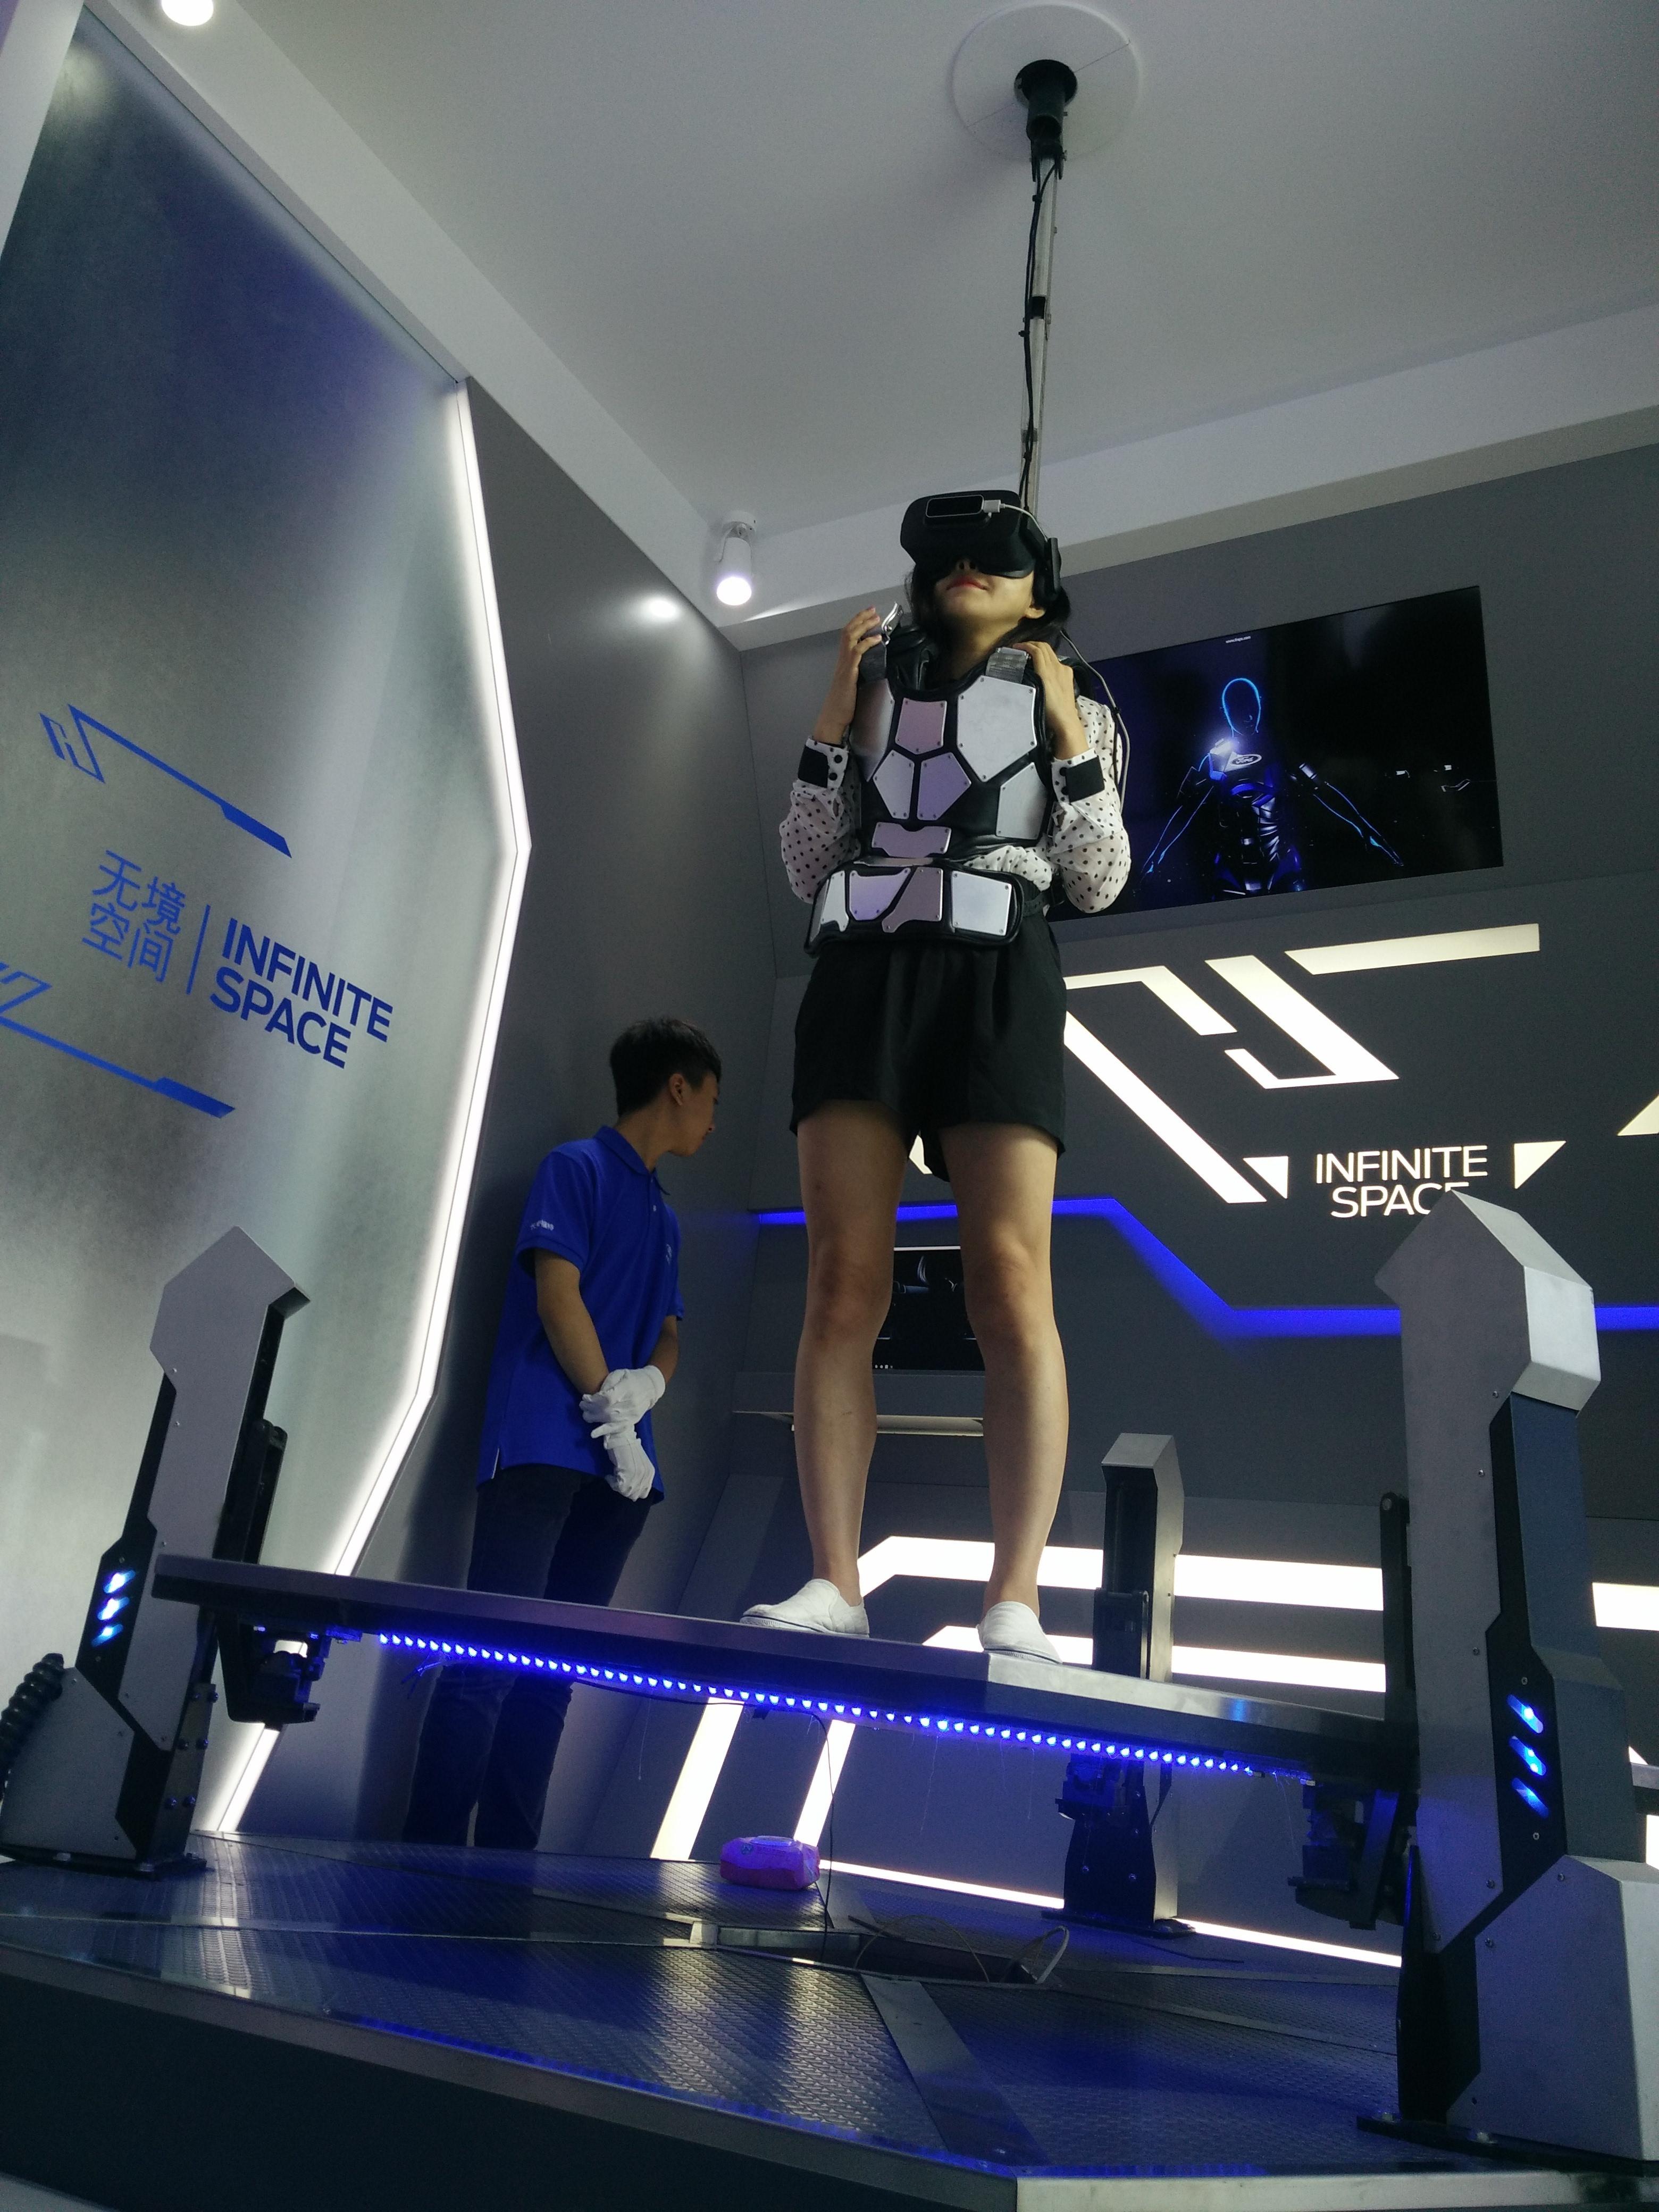 vr,ar助攻成都国际车展 用户体验新添科幻即视感